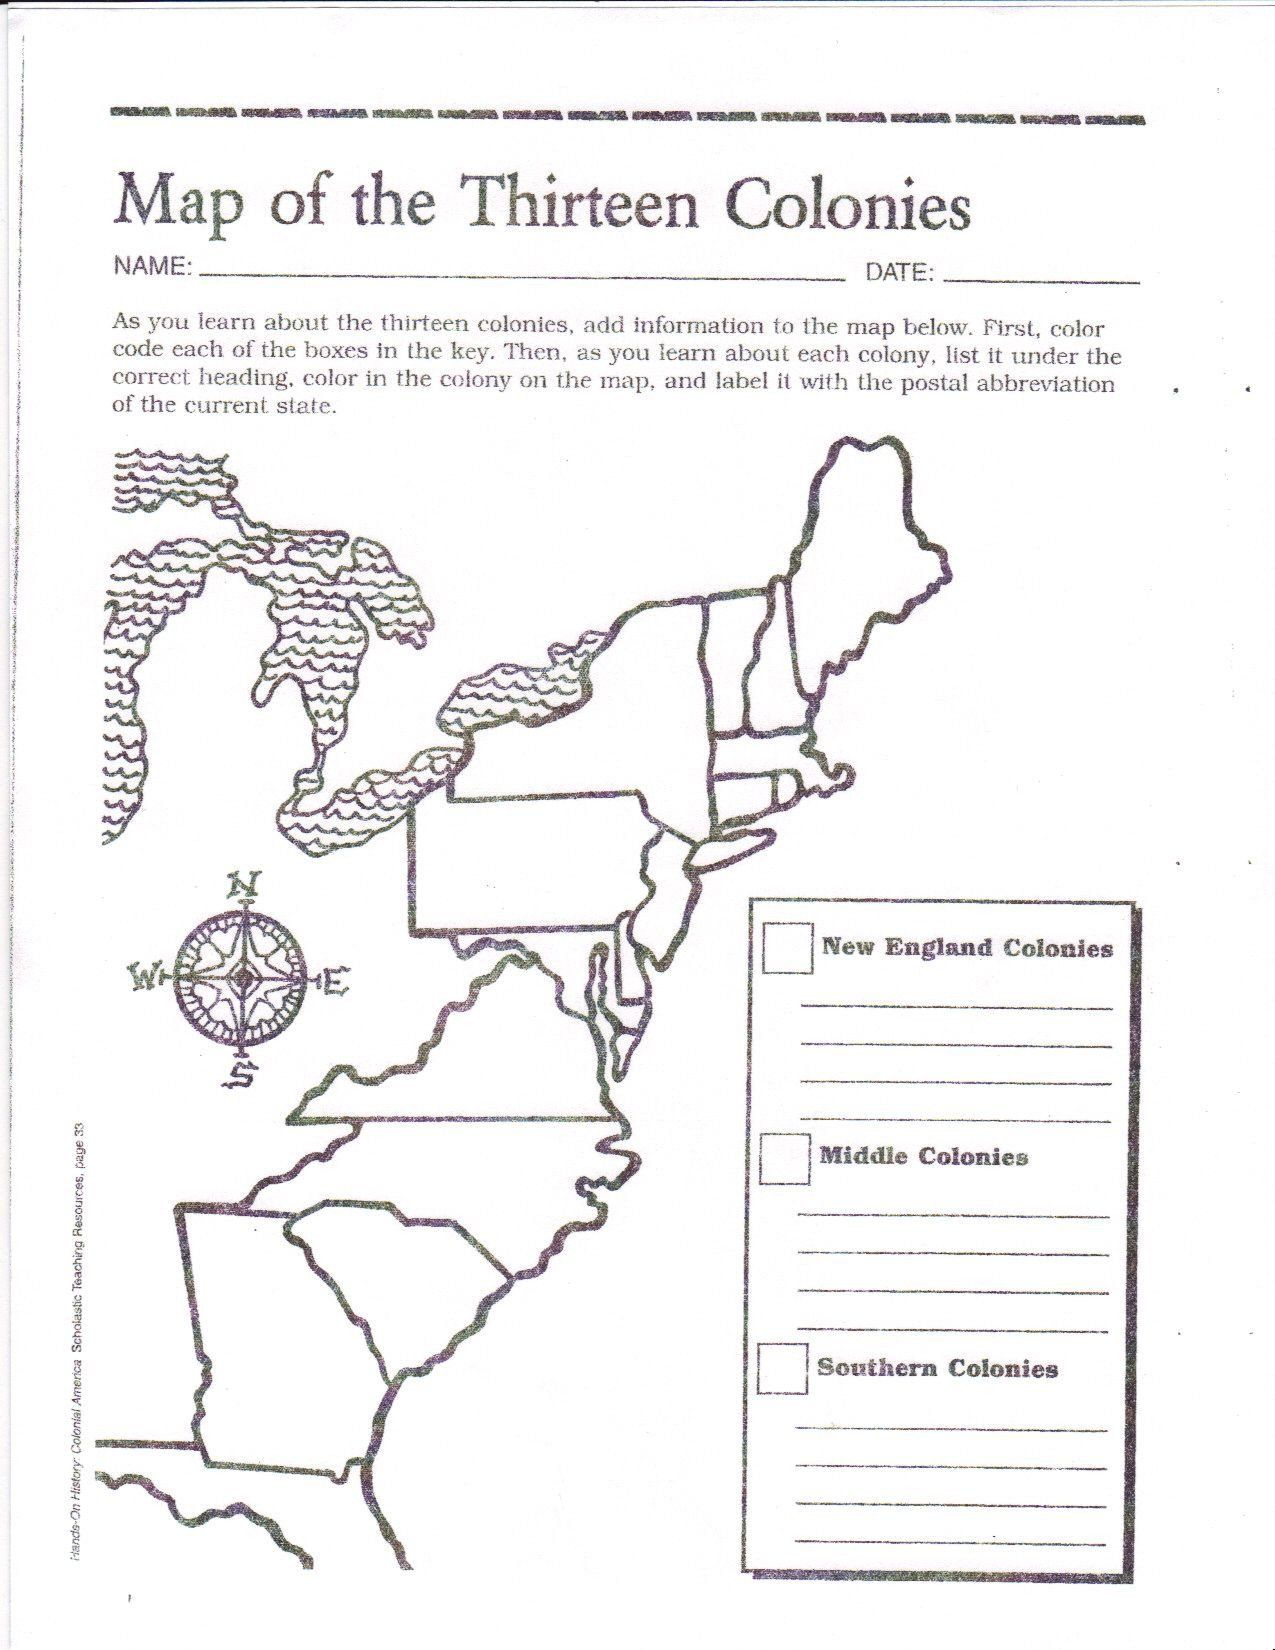 13 Colonies Worksheet Pdf Blank Map Of The 13 Original Colonies Google Search 13 Colonies Map Social Studies Worksheets Thirteen Colonies [ 1650 x 1275 Pixel ]